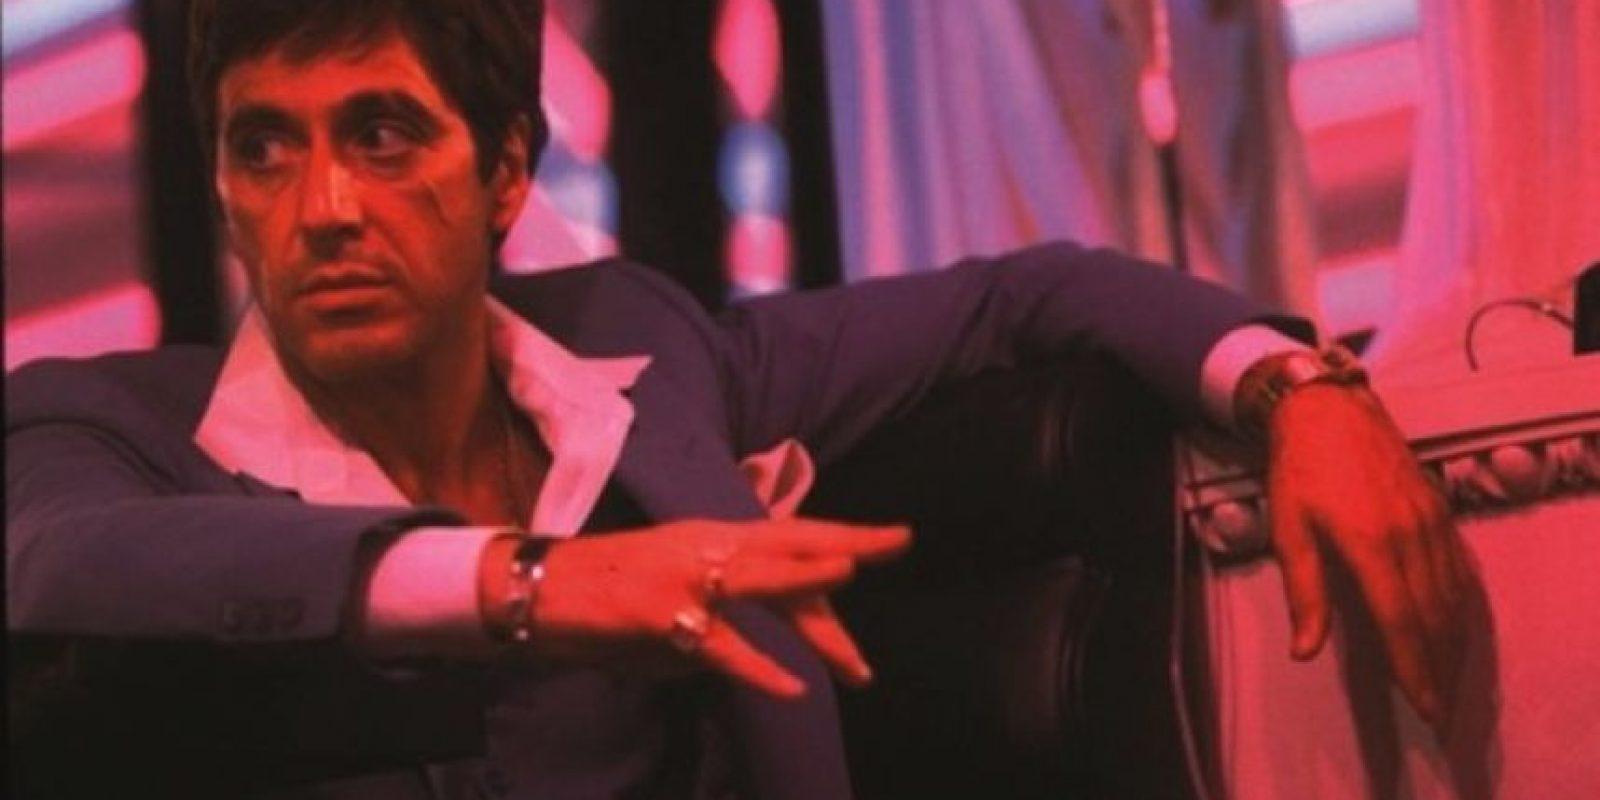 """Interpretó a """"Tony Montana"""", un delincuente cubano que es contratado para asesinar a un ex funcionario del régimen cubano. Se convierte en un mafioso perdido por las drogas y el dinero. Foto:Universal Pictures"""